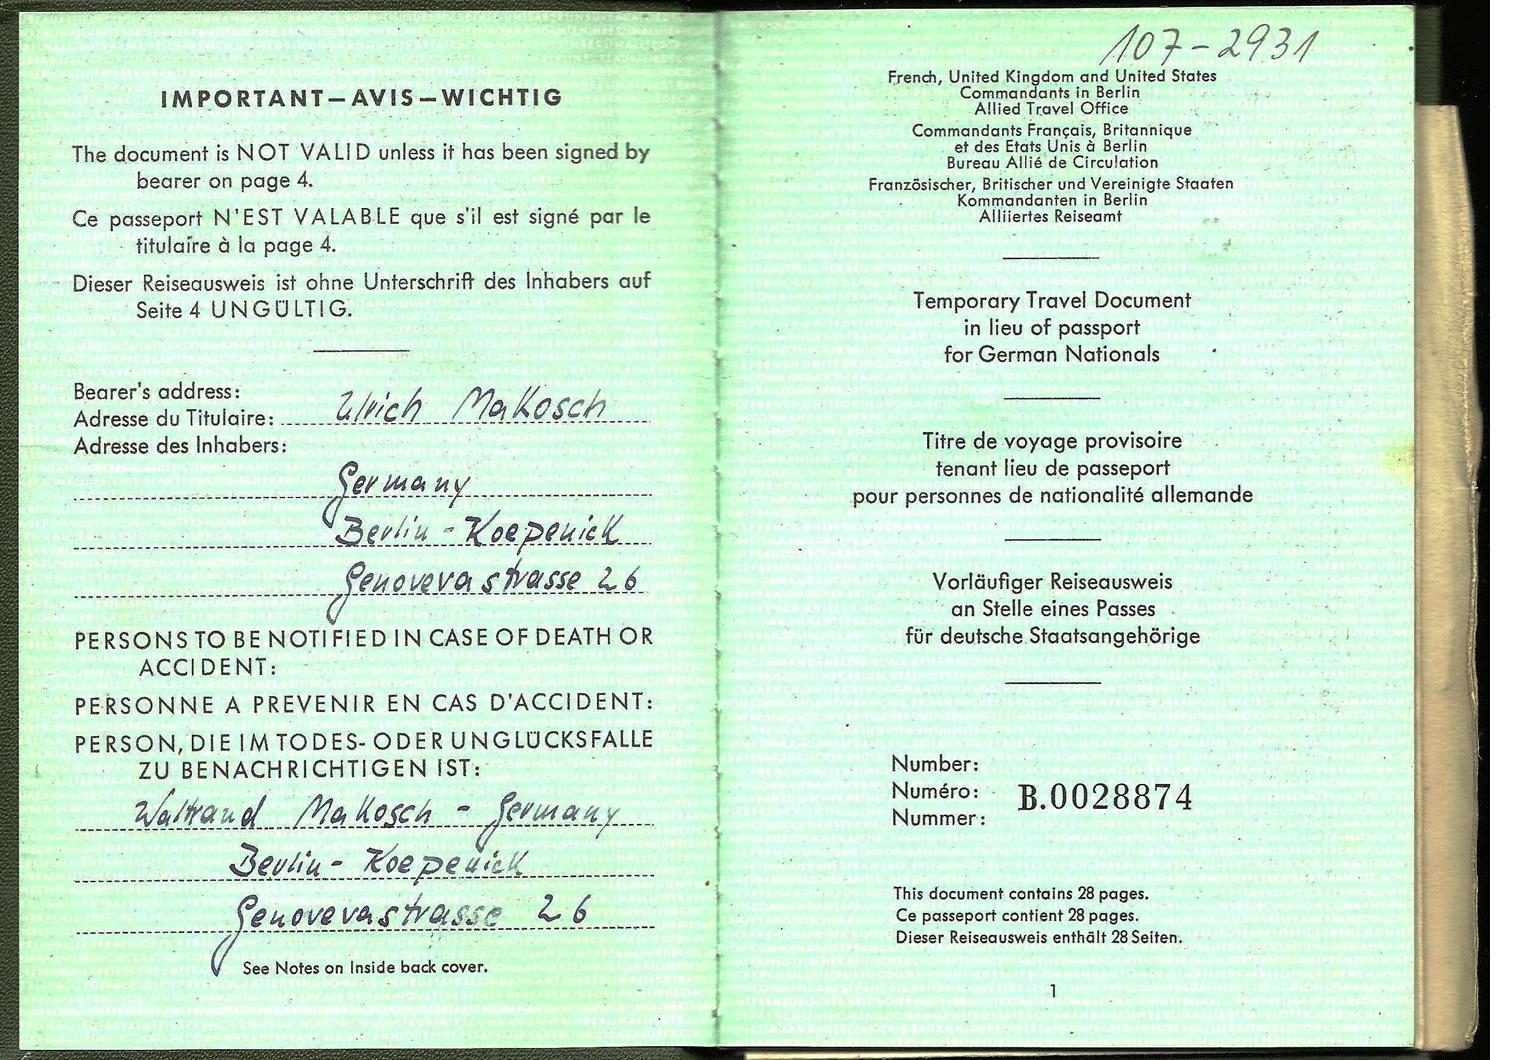 reiseausweis der bundesrepublik deutschland